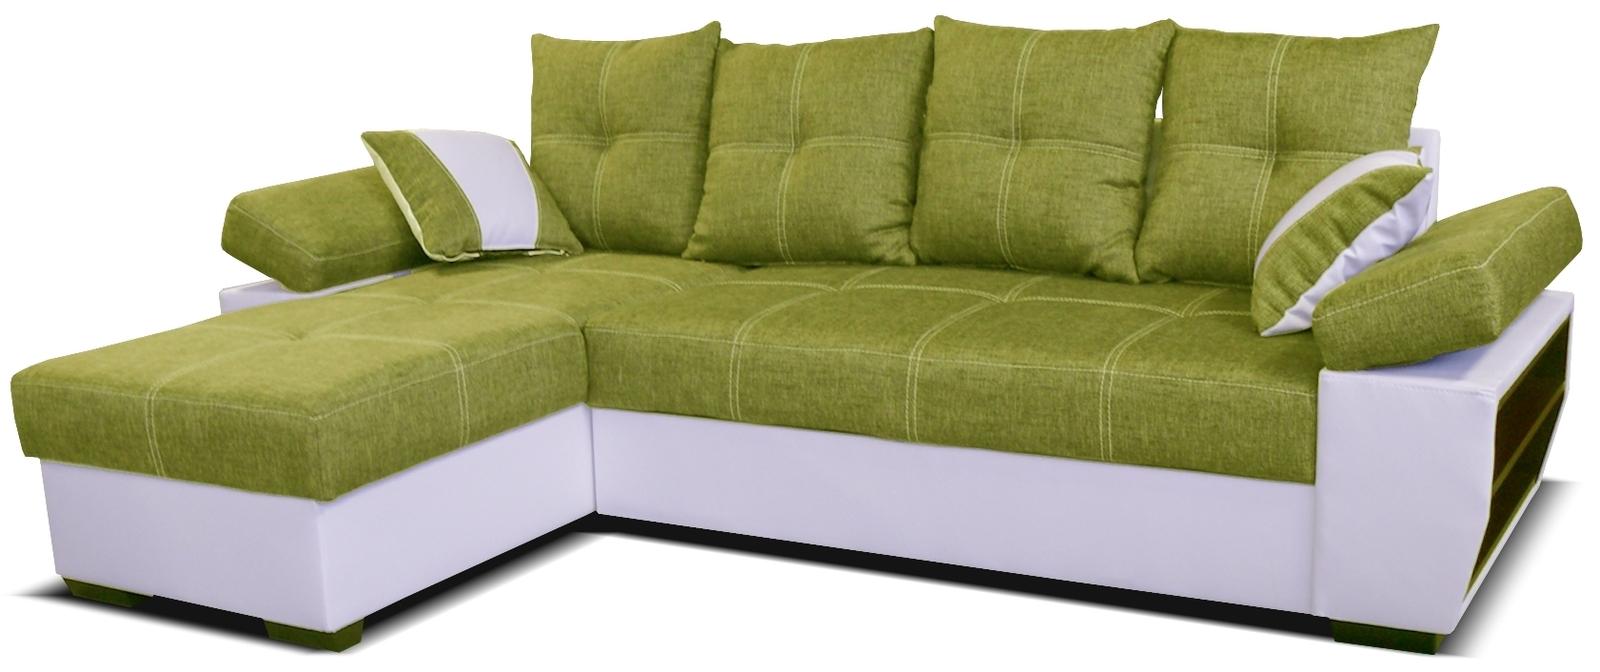 Rohová sedací souprava - Po-Sed - Viena L+2F (L) bílá + zelená